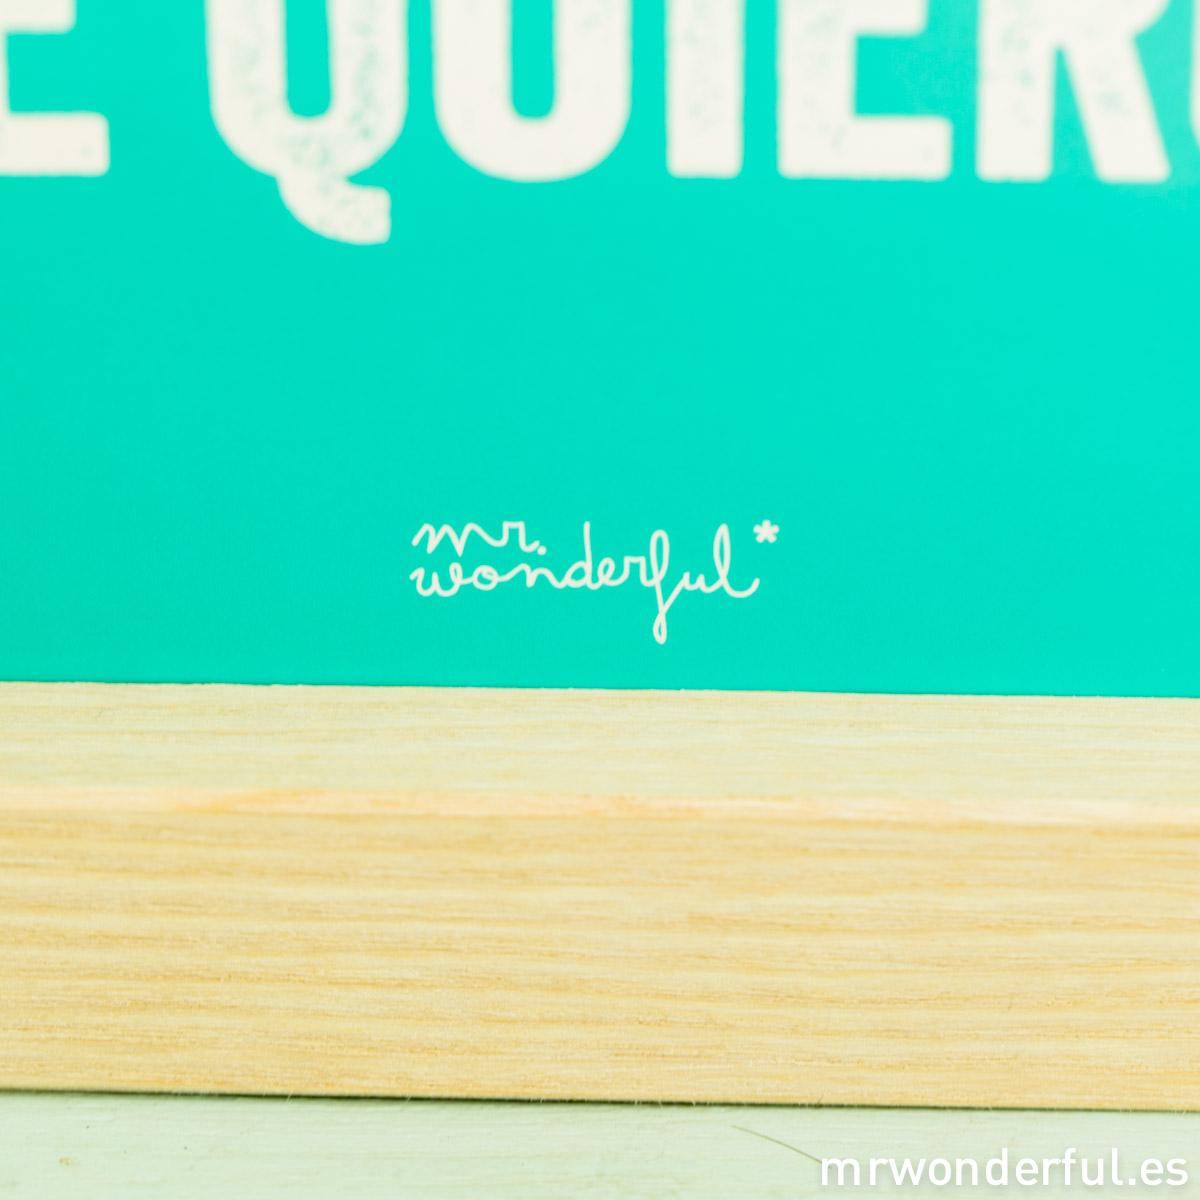 mrwonderful_lamina-soporte-A5-02_decirte-solo-tequiero-6